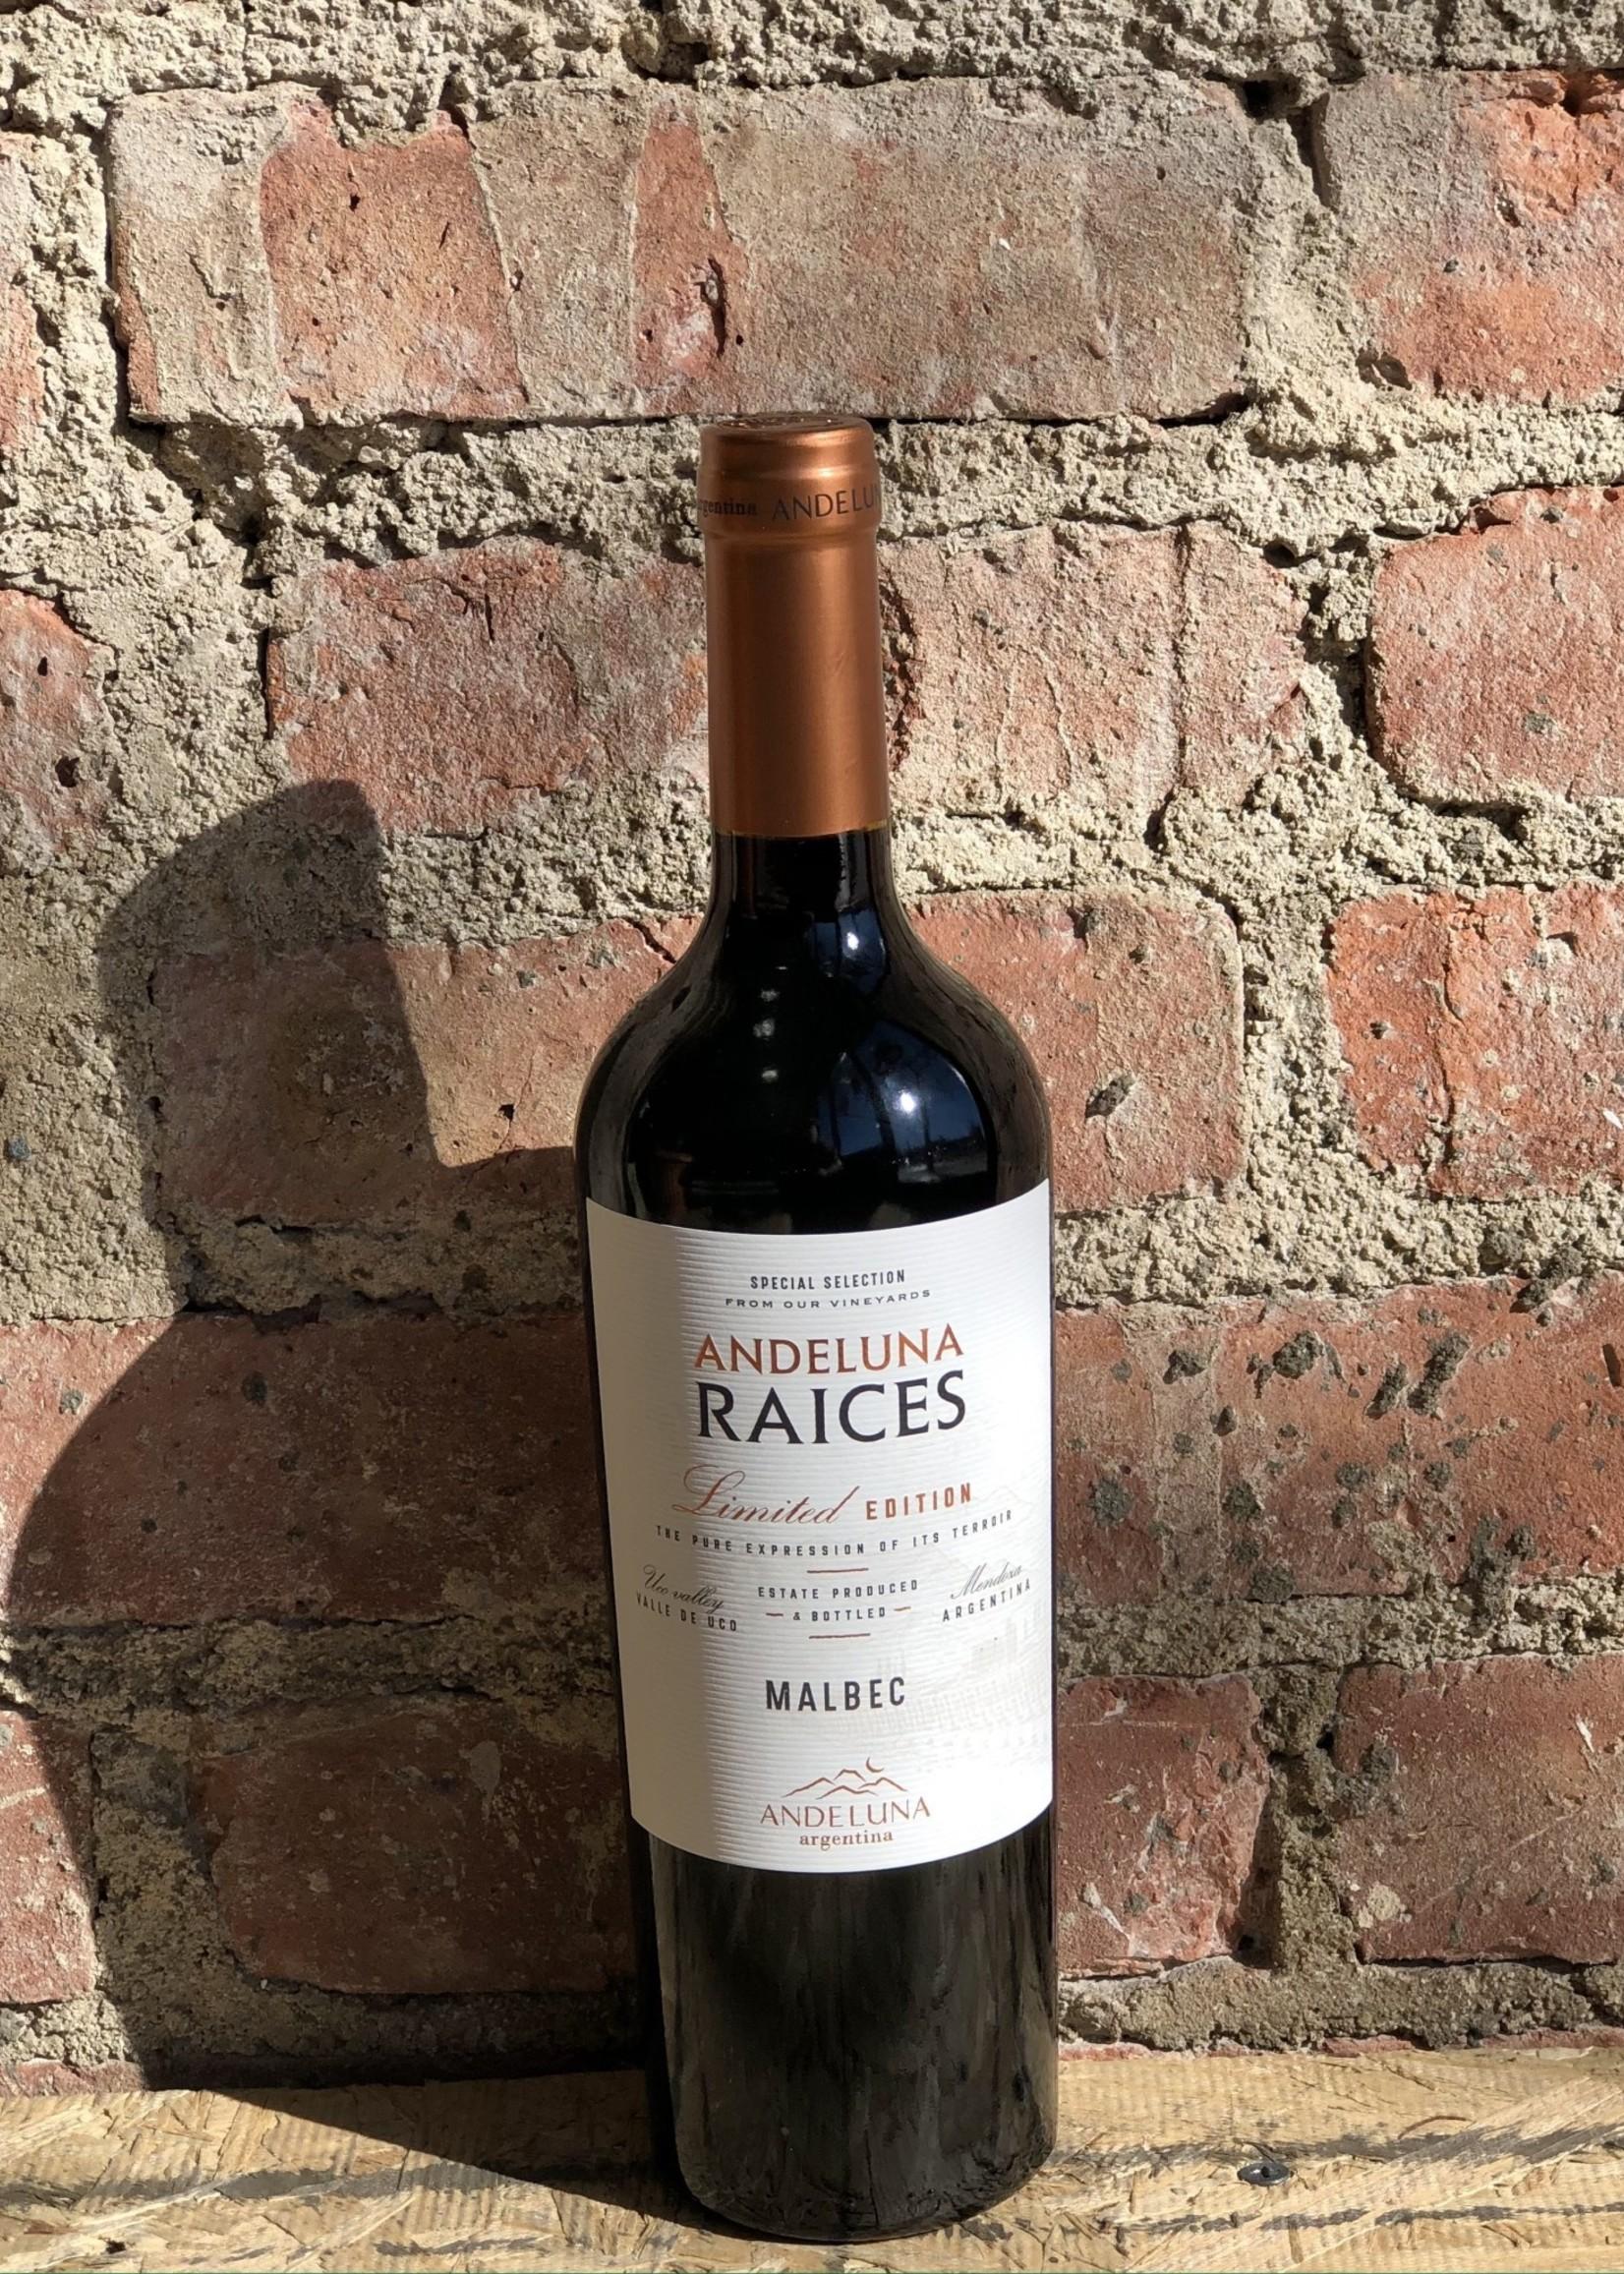 Andeluna Cellars Raices Malbec 2019 (Uco Valley, Mendoza, Argentina)